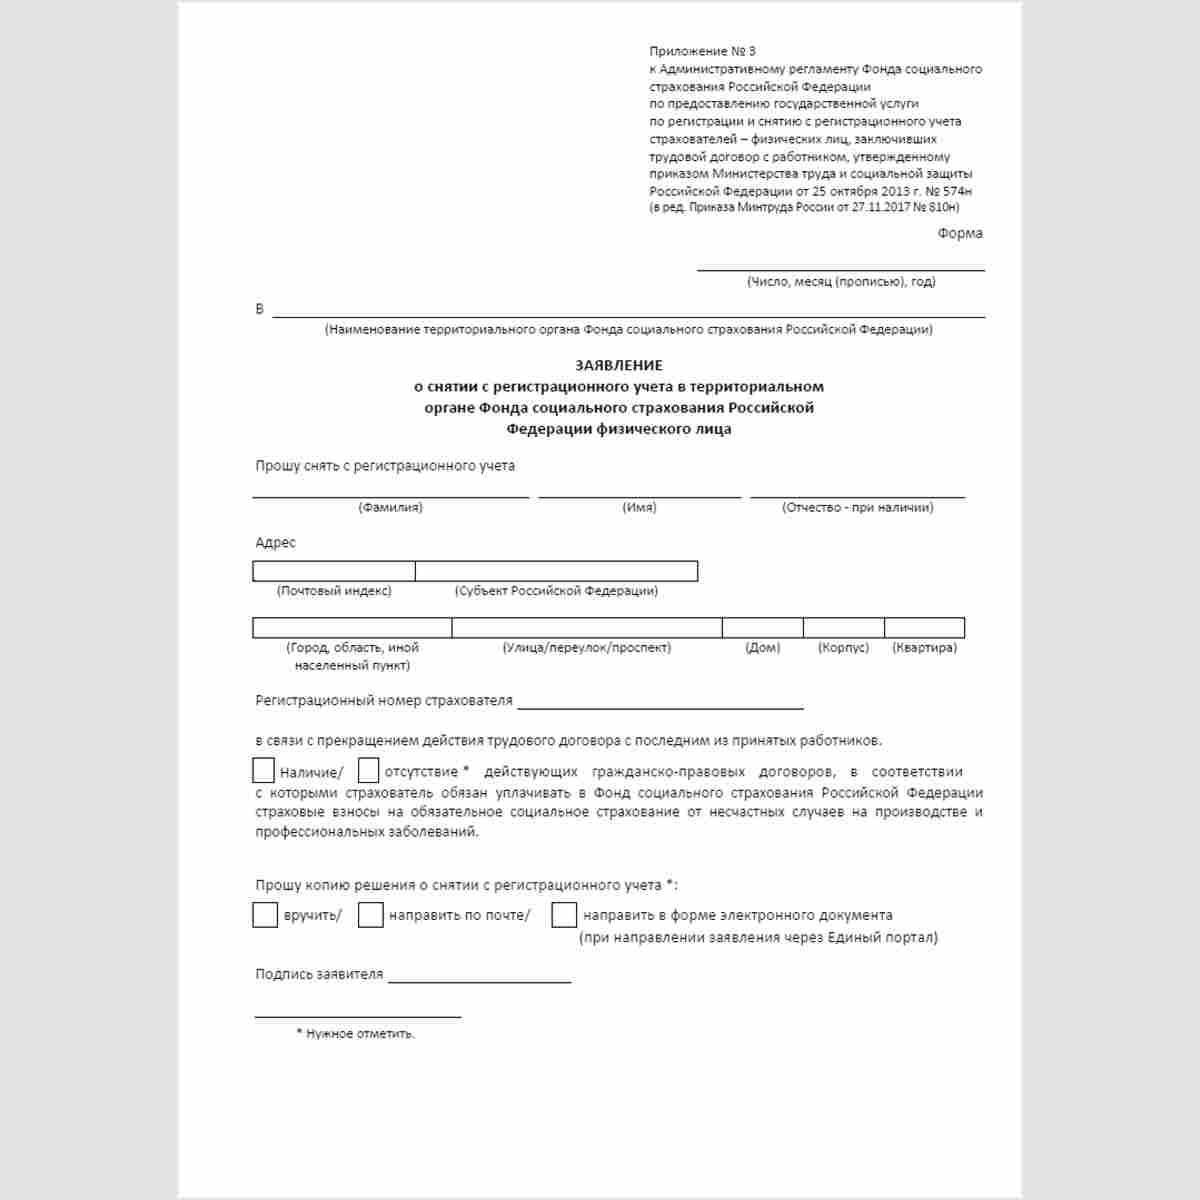 """Форма """"Заявление о снятии с регистрационного учета в территориальном органе Фонда социального страхования Российской Федерации физического лица"""""""